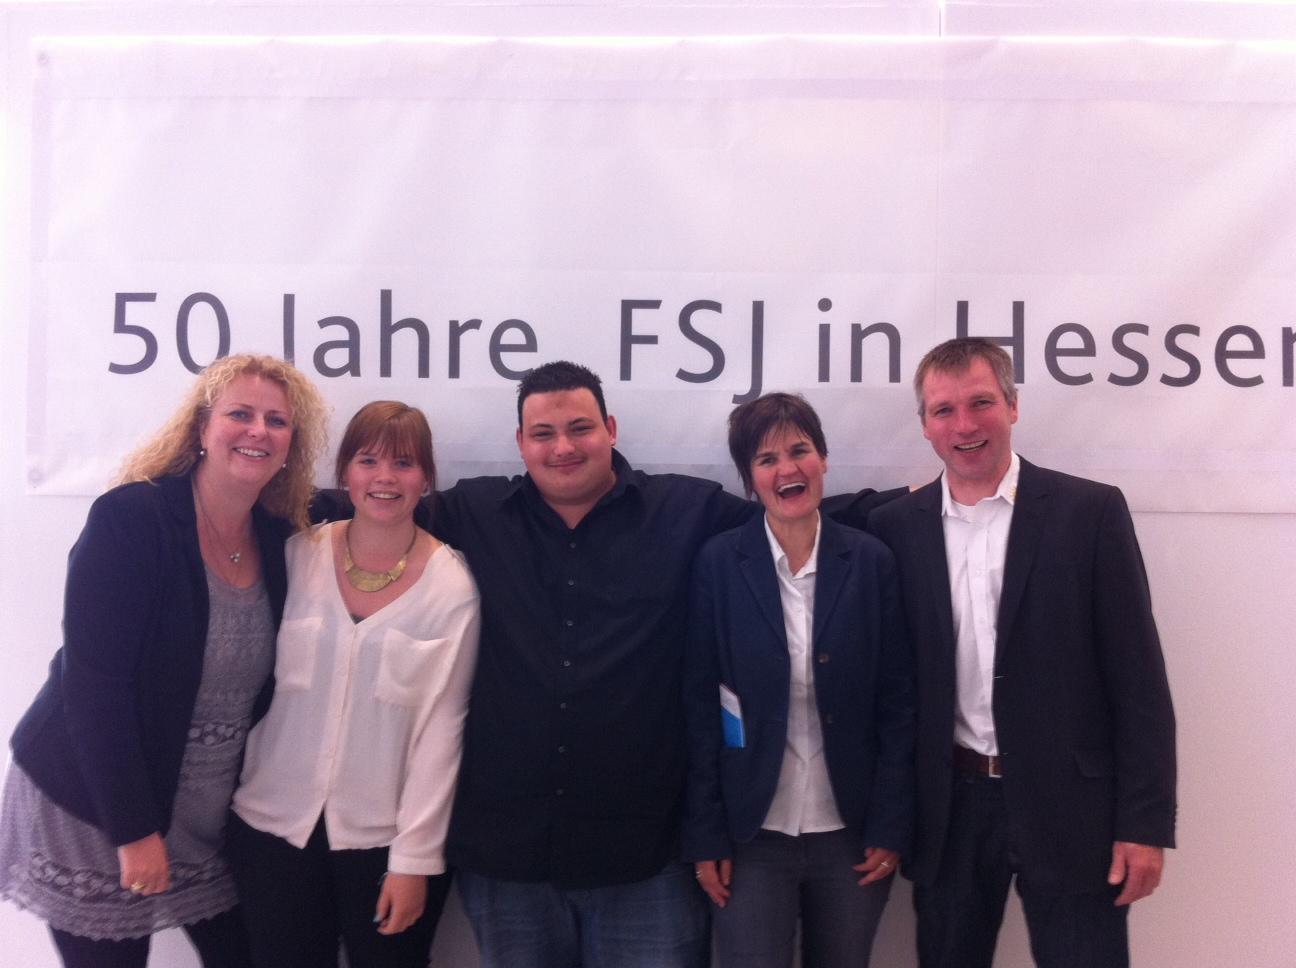 Micha Bier (päd. Mitarbeiterin), Mira Beckmann (Freiwillige), Dominic Firat (Freiwilliger), Dagmar Emig-Mally (Fachbereichsleitung), Udo Dörsam (Behindertenhilfe Bergstraße)